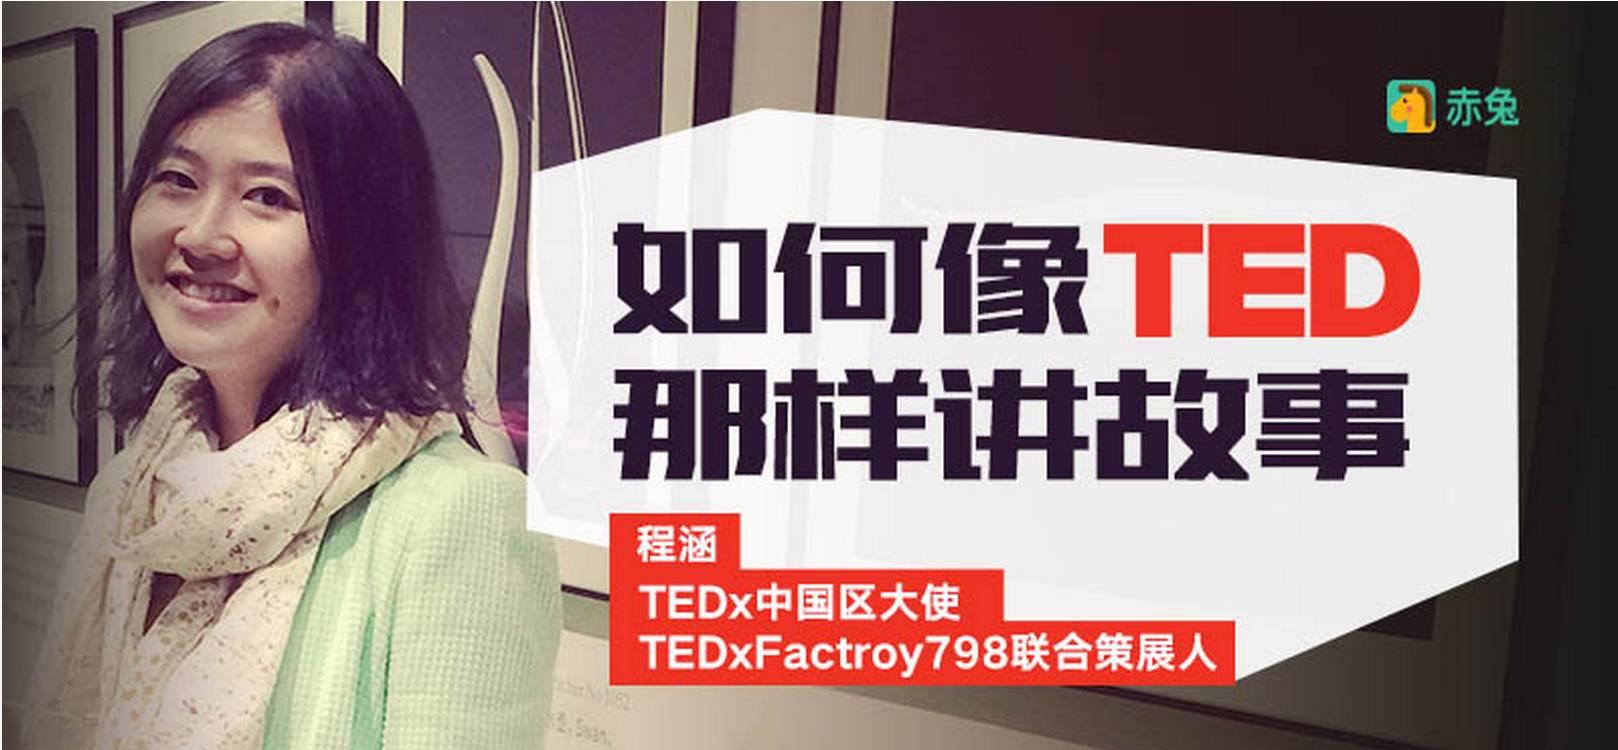 如何像TED那样讲故事